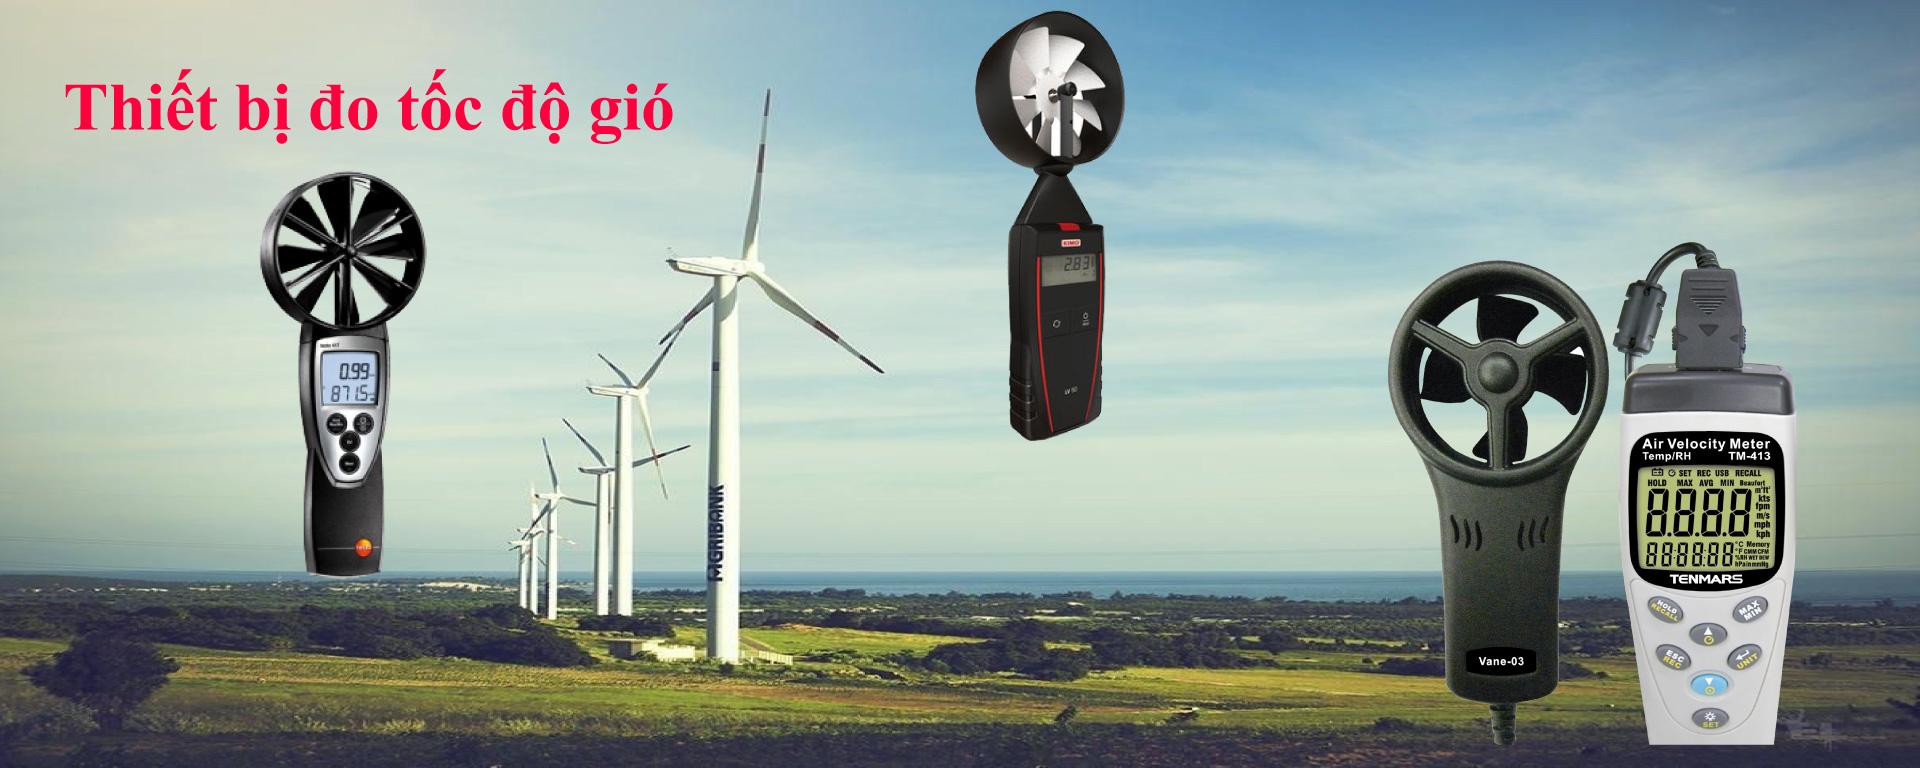 Thiết bị đo tốc độ gió